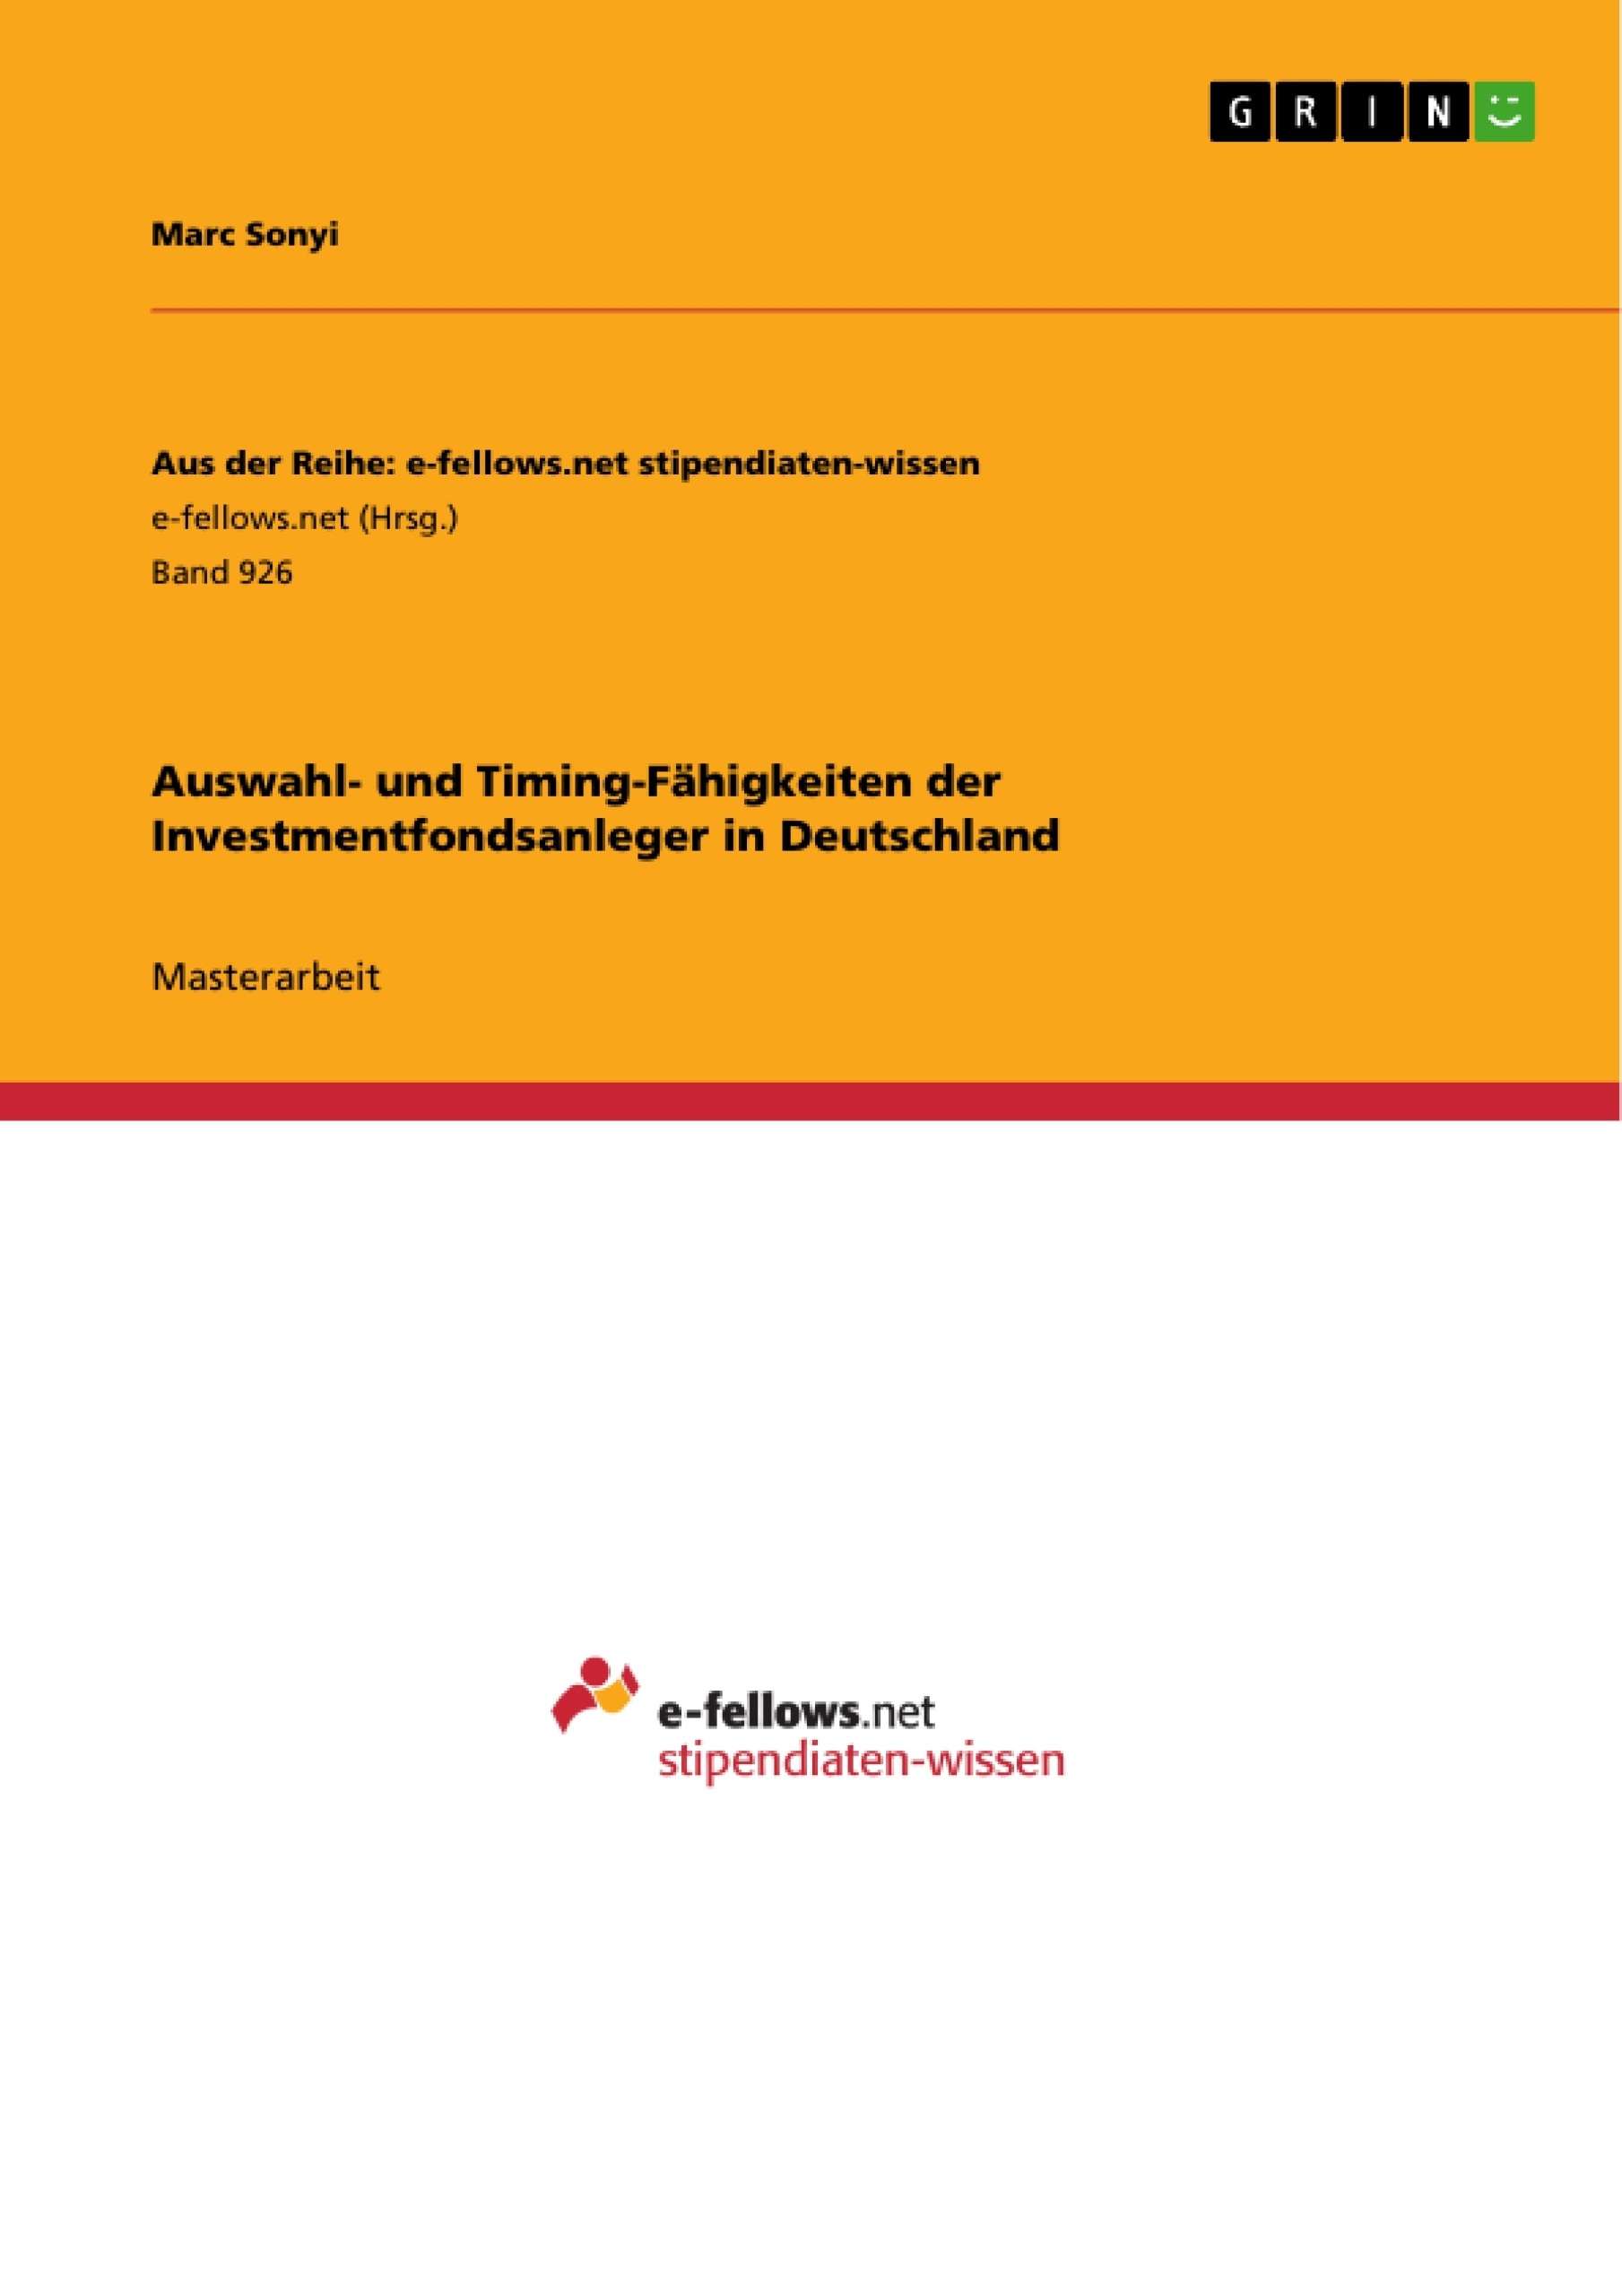 Titel: Auswahl- und Timing-Fähigkeiten der Investmentfondsanleger in Deutschland